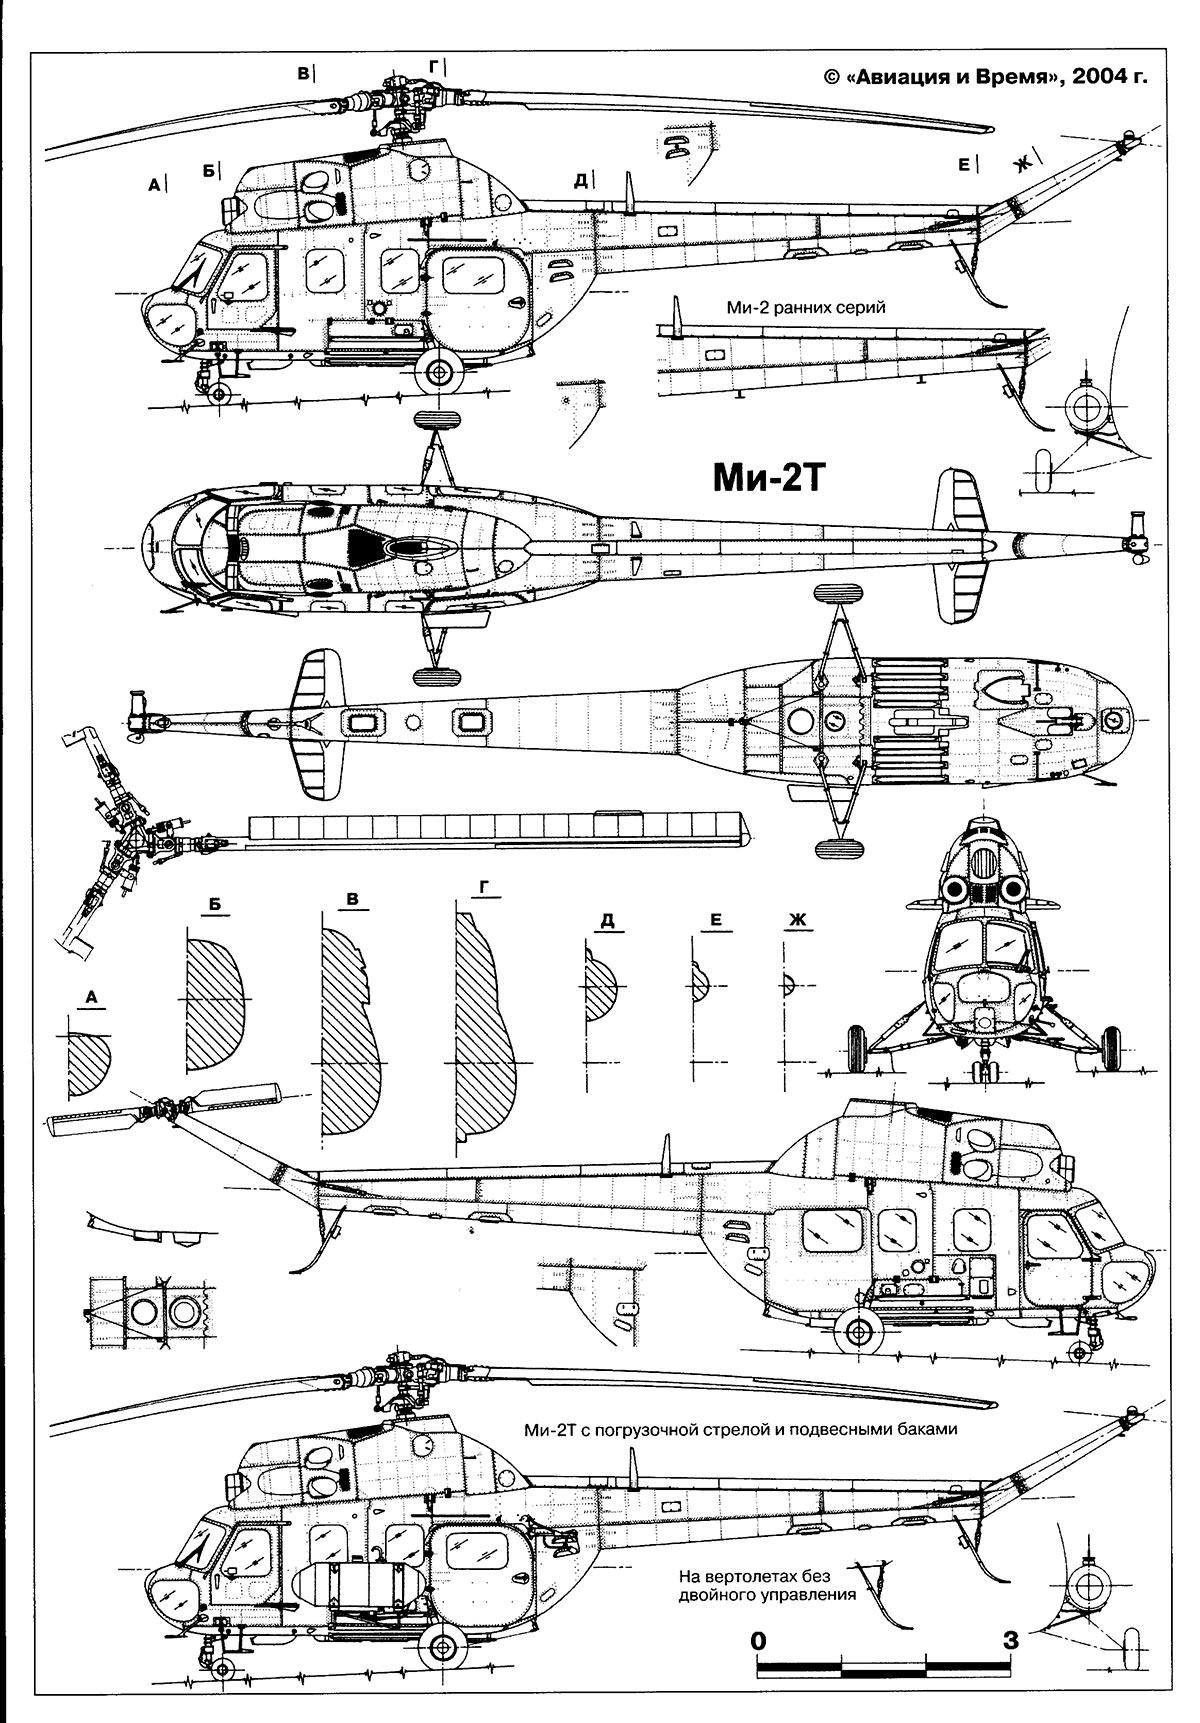 Чертеж вертолета Ми-2